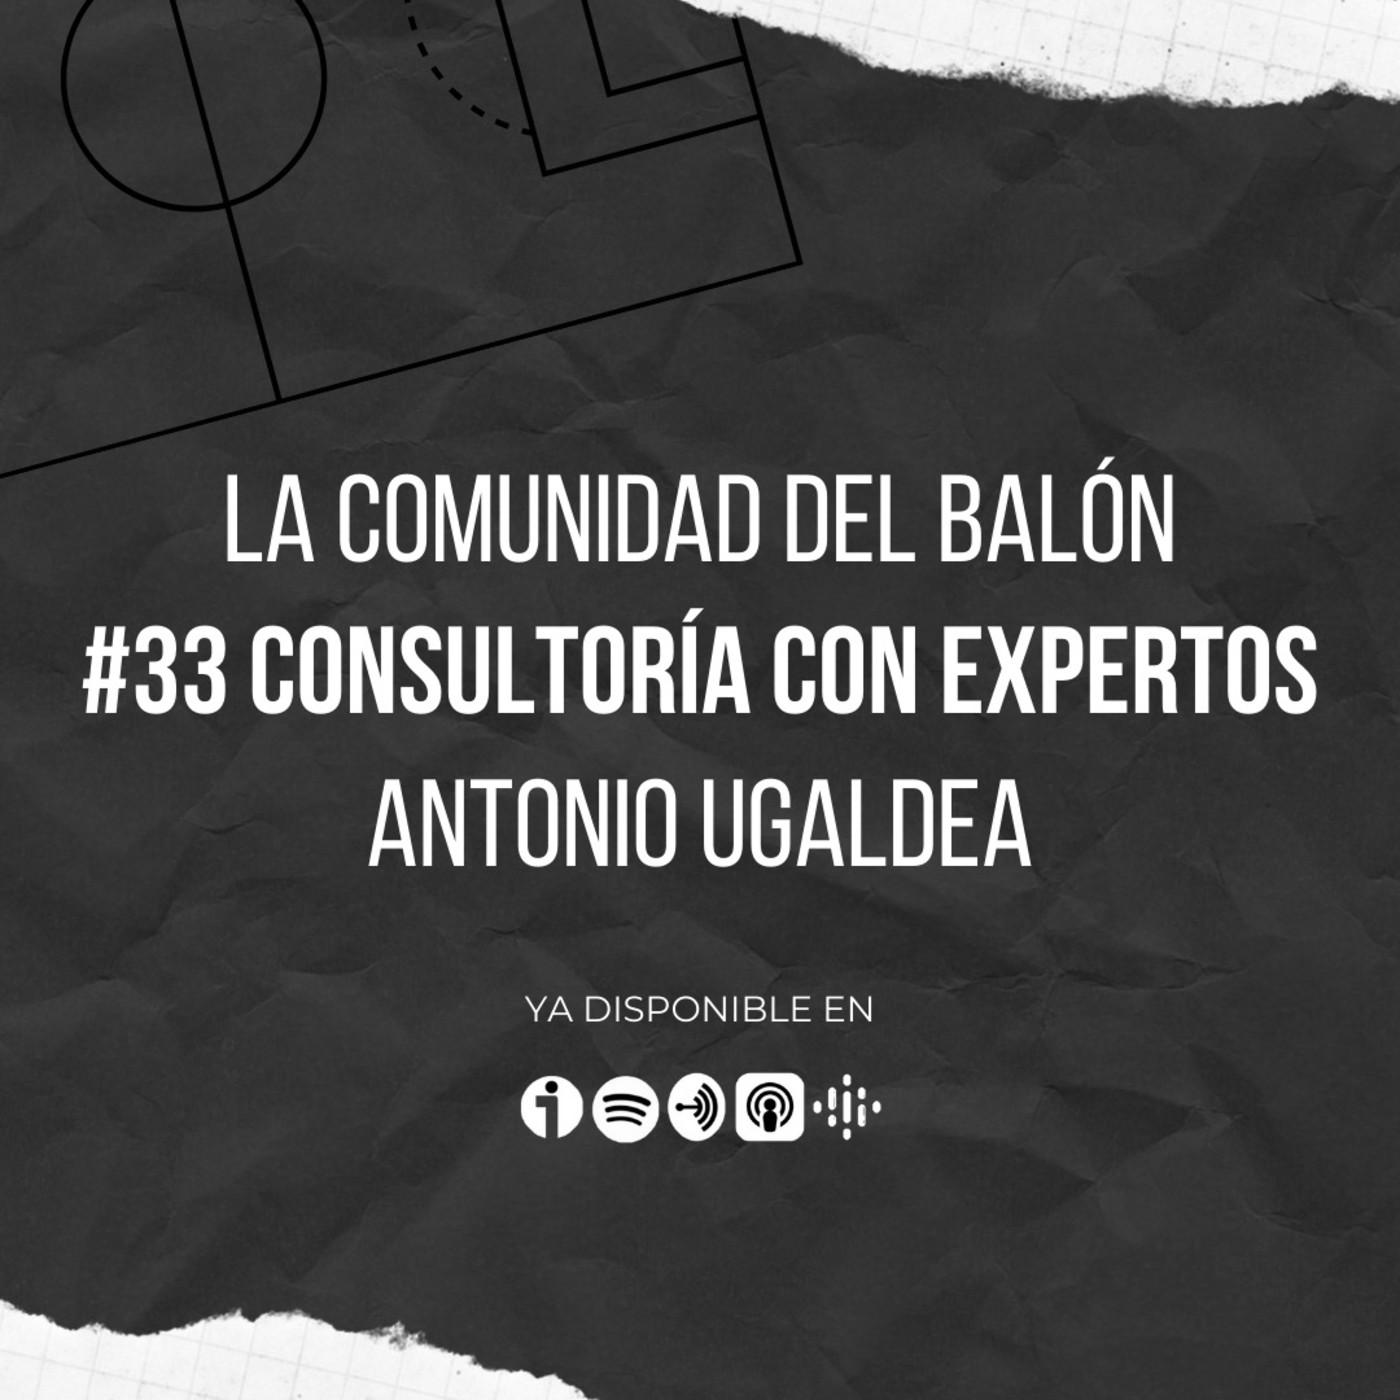 #33 Consultoría con expertos: Antonio Ugaldea